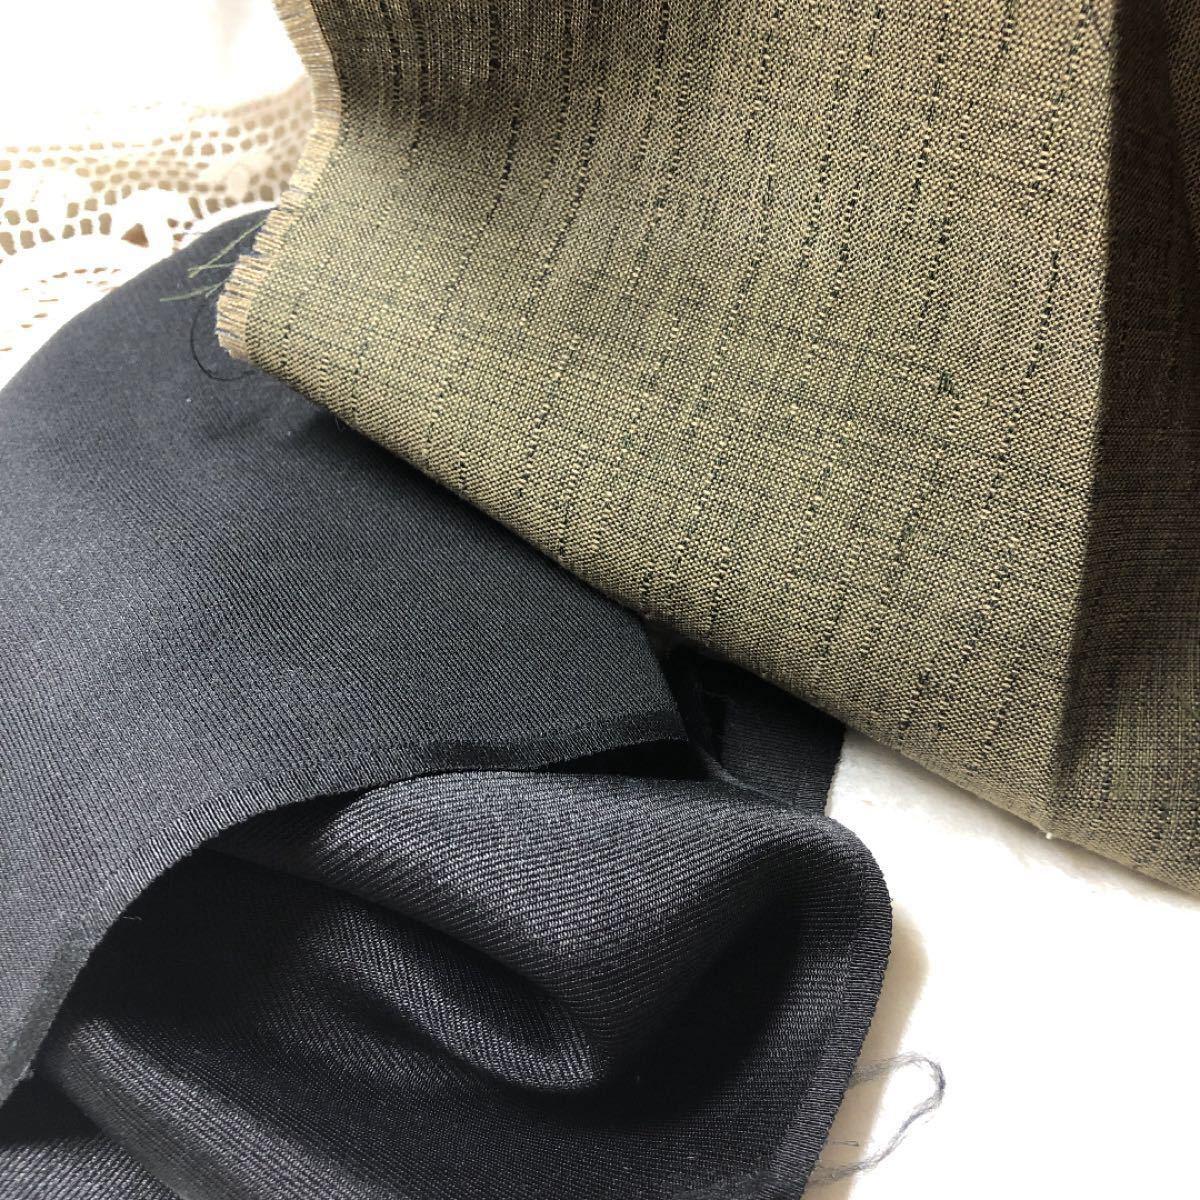 着物?はぎれ 古布 リメイク ハギレ まとめ売り 布 生地 ハンドメイド素材 手芸素材 つまみ細工 和装小物等リメイク リフォーム